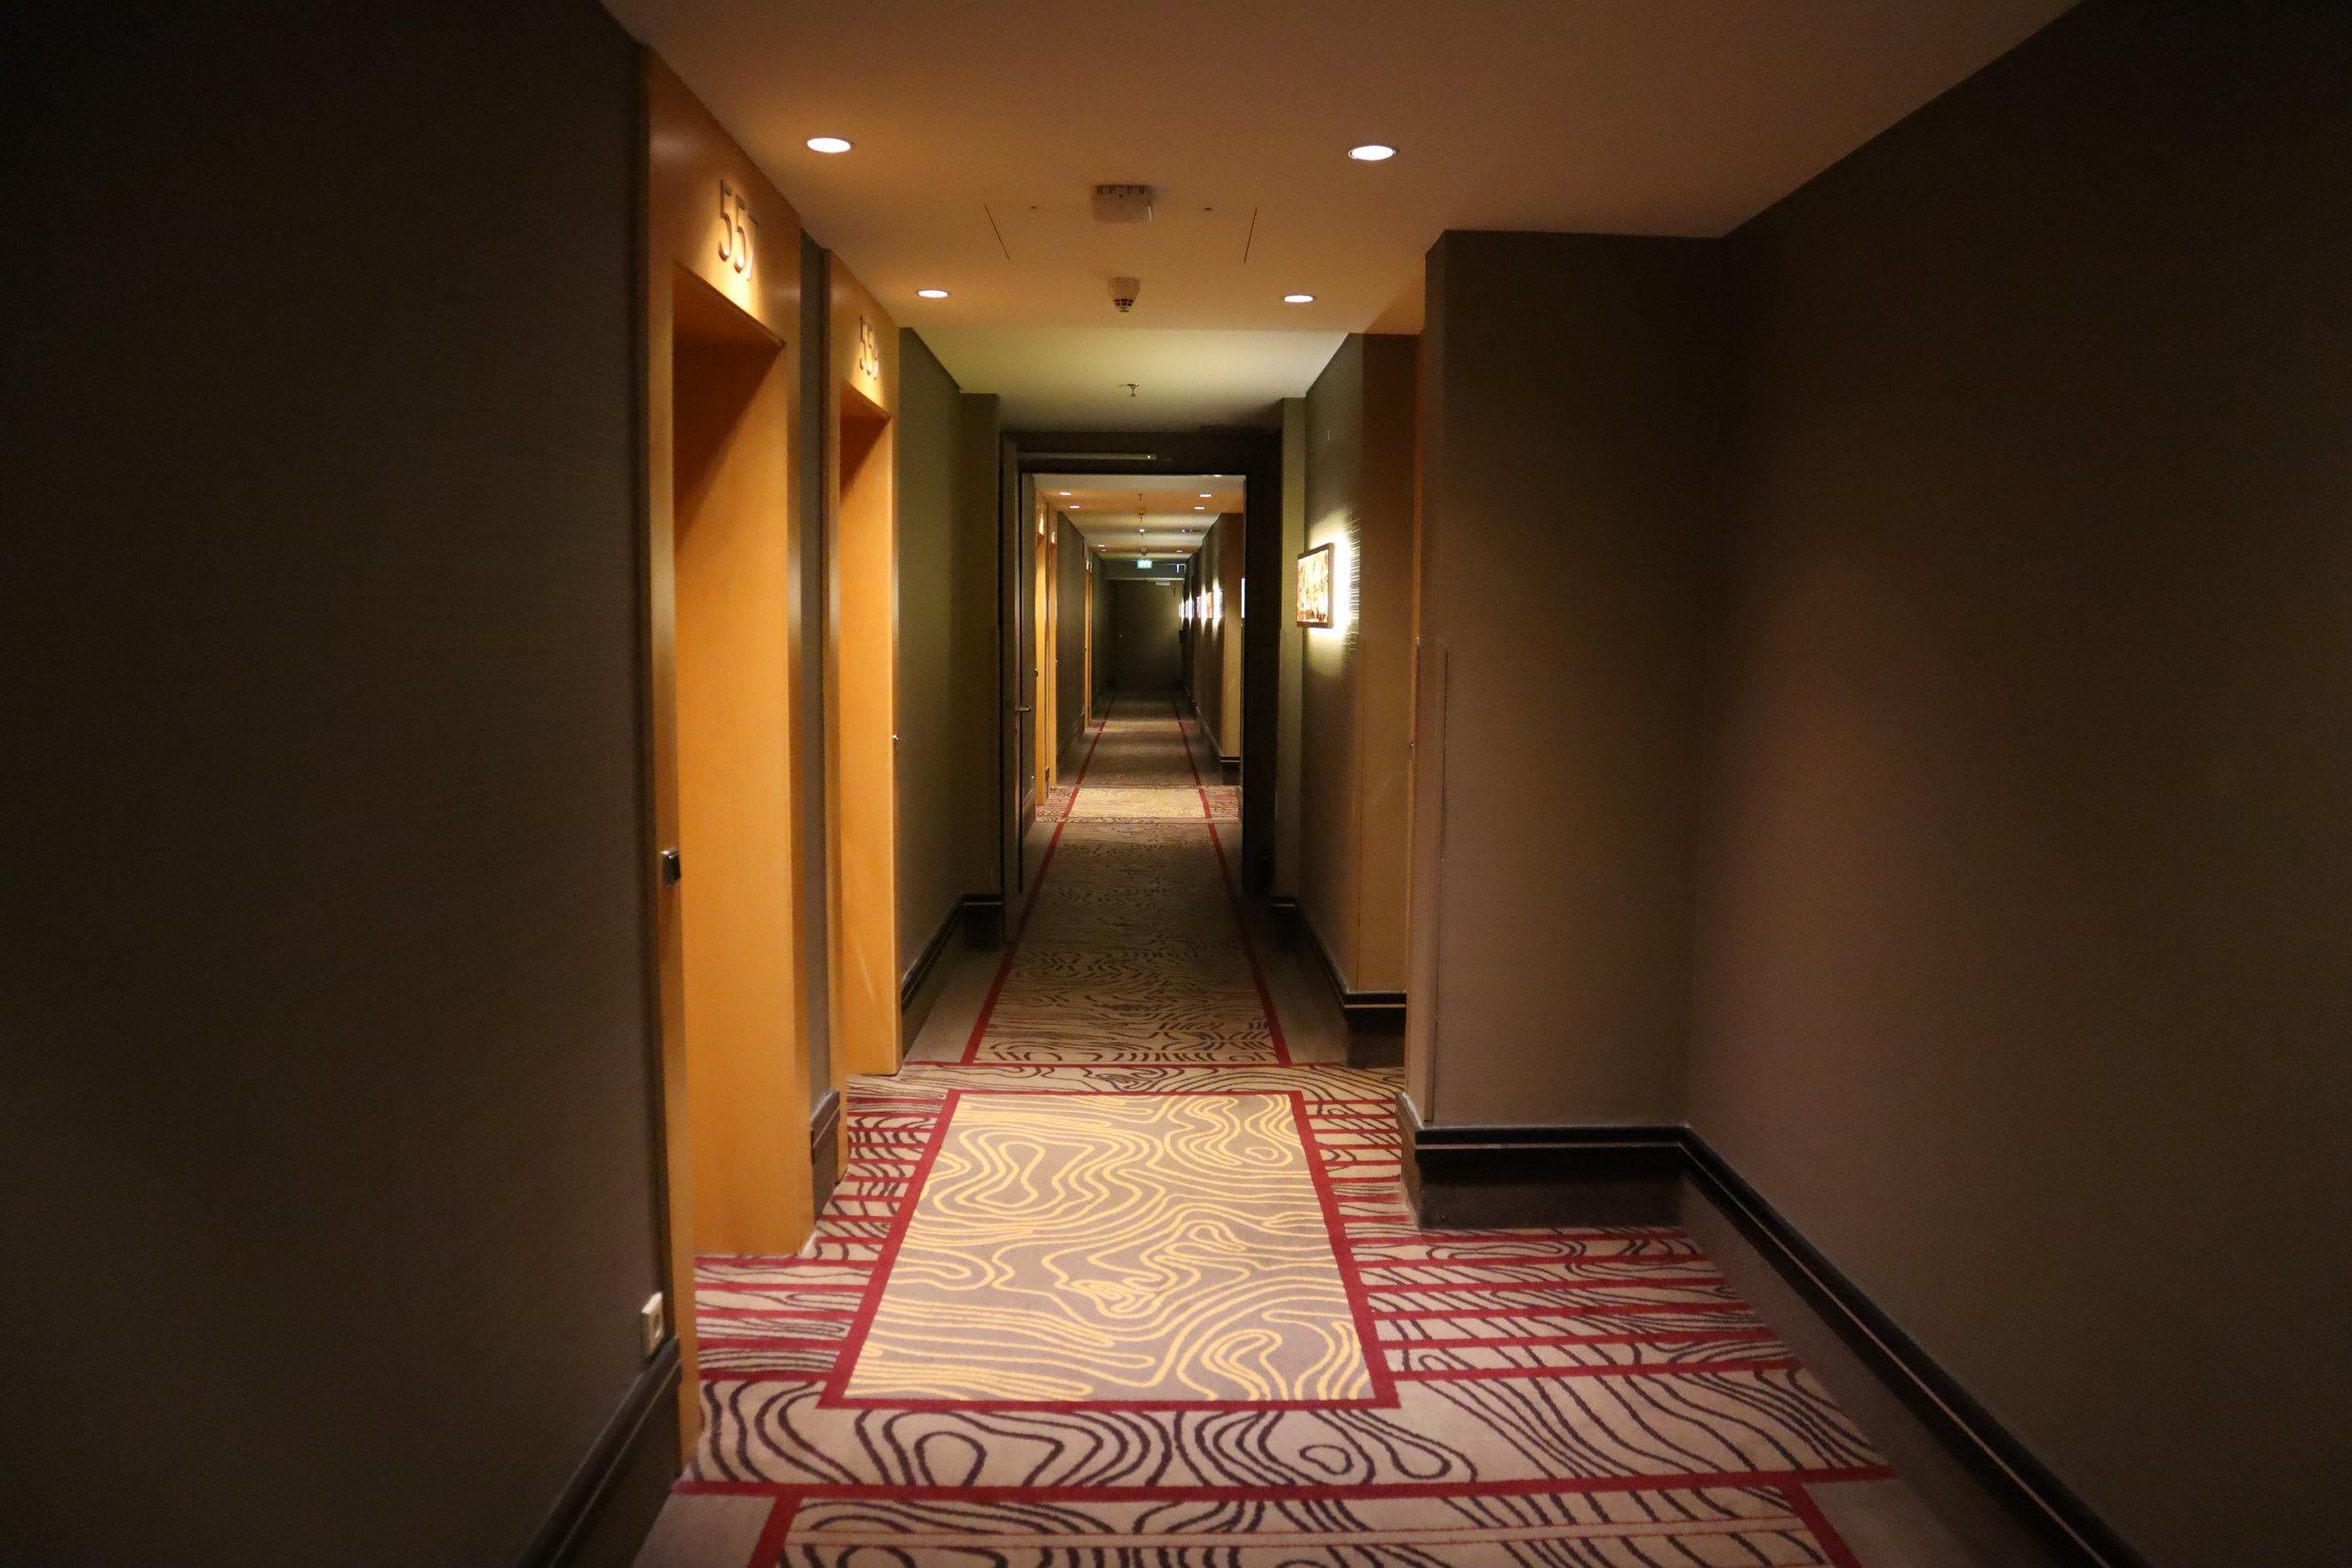 Le Méridien Munich – Hallway